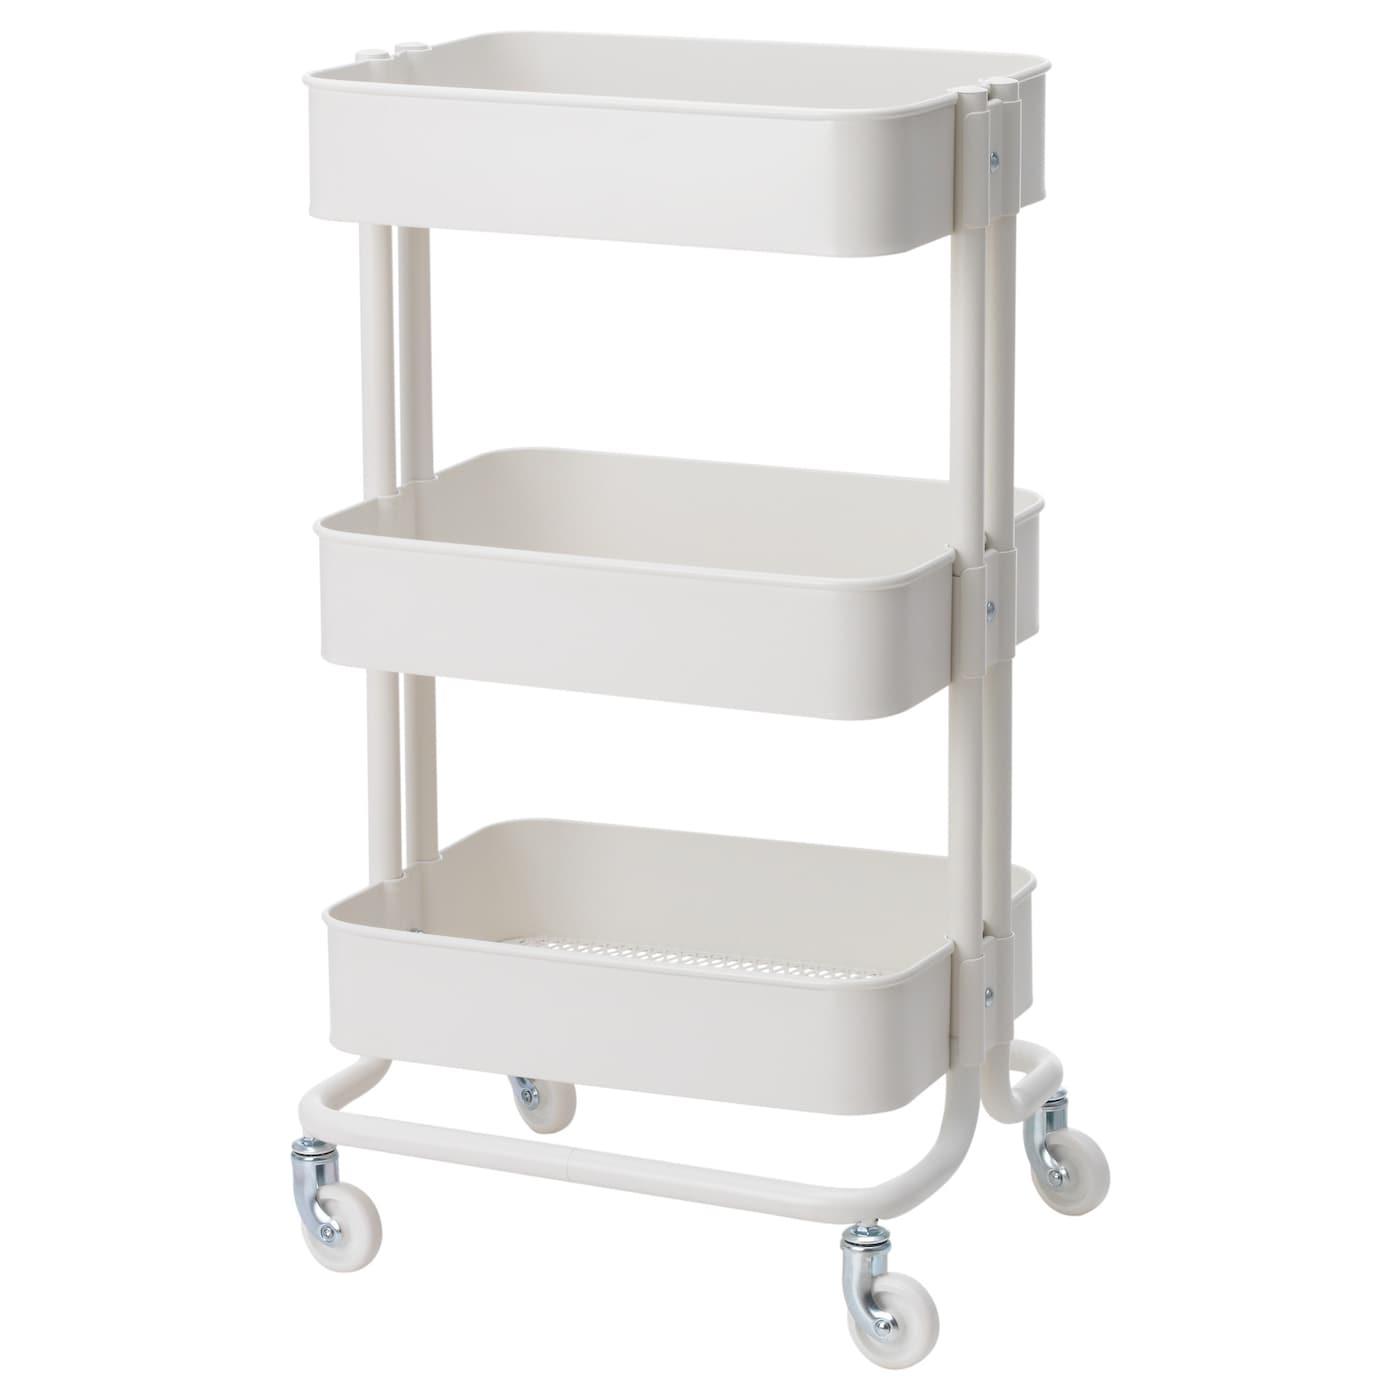 RÅSKOG Trolley, white